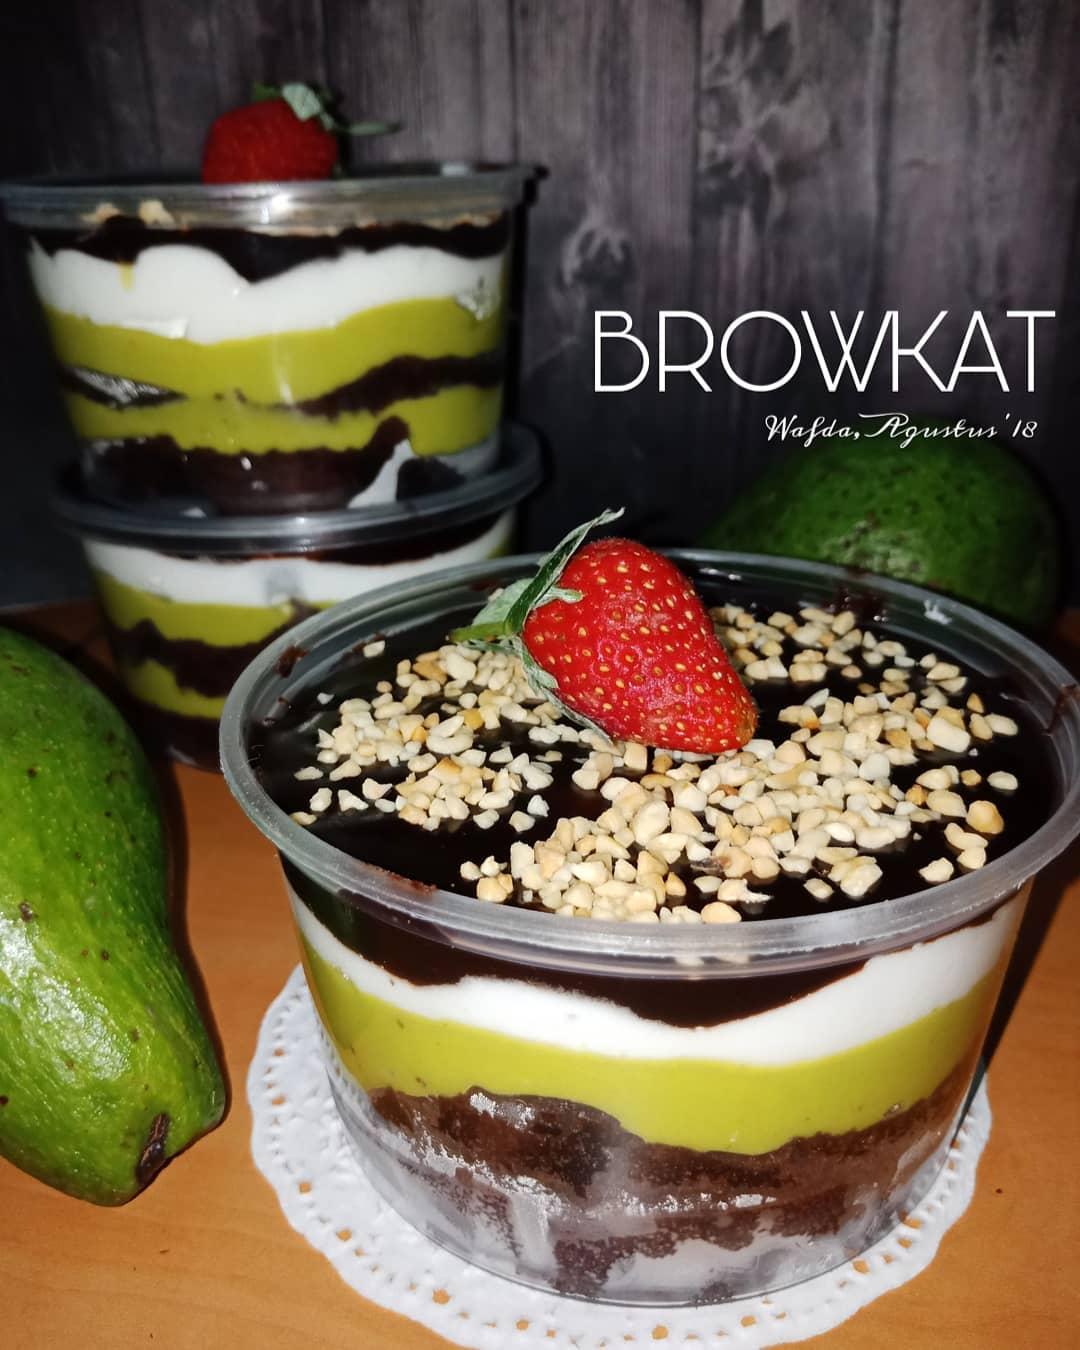 Download Wallpaper Resep Browkat Brownies Alpukat ala Dapurwafda